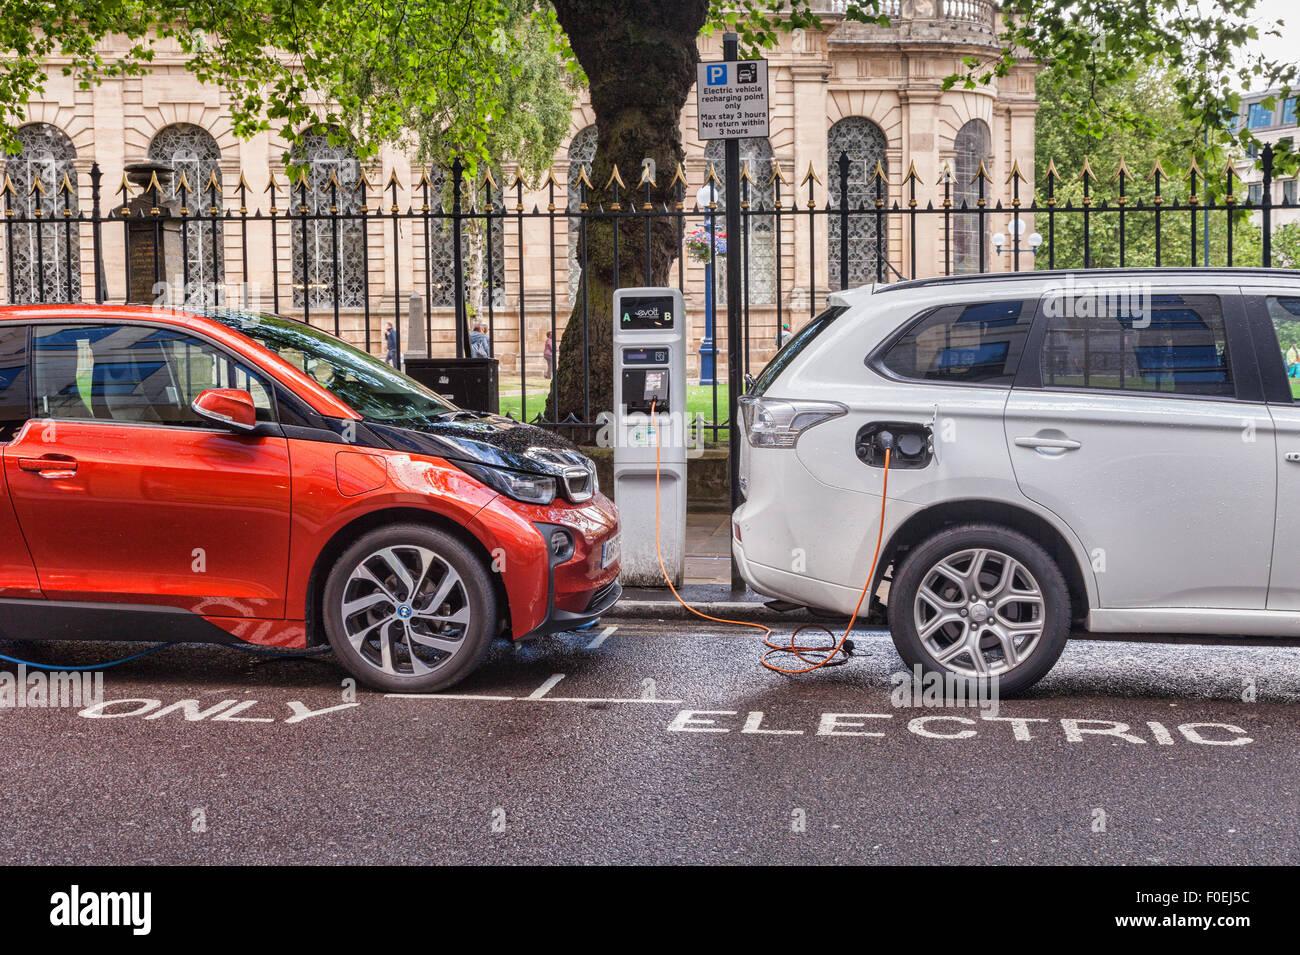 Elektro-Autos aufgeladen im Zentrum von Birmingham, West Midlands, England Stockbild